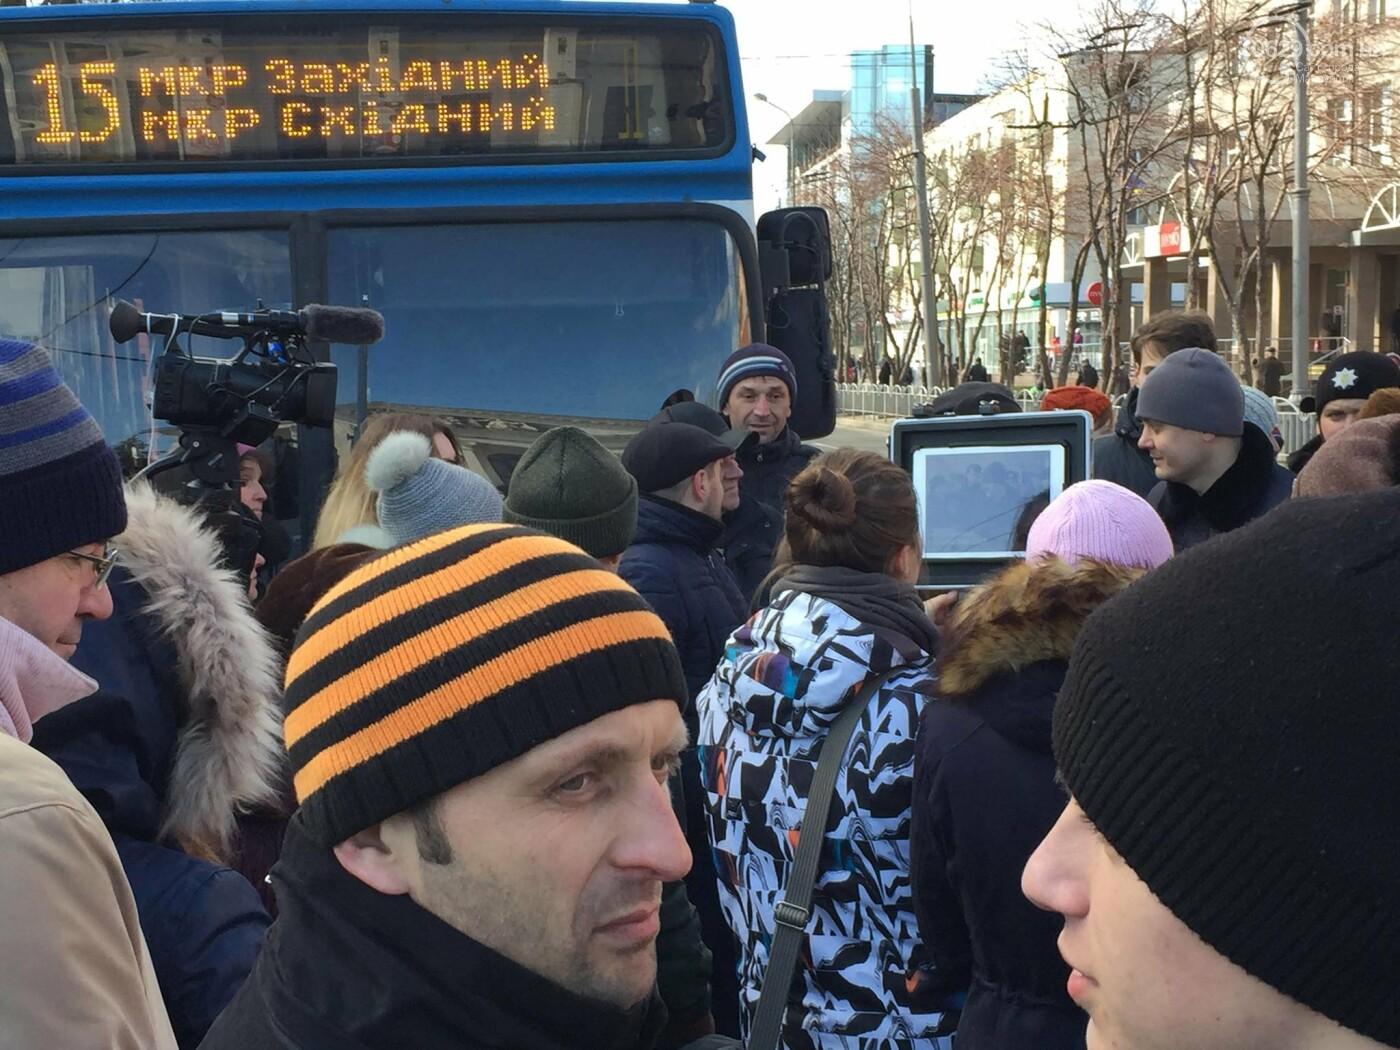 Мариупольцы митингуют против повышения тарифов на проезд, - ФОТО, ВИДЕО, Дополняется, фото-3